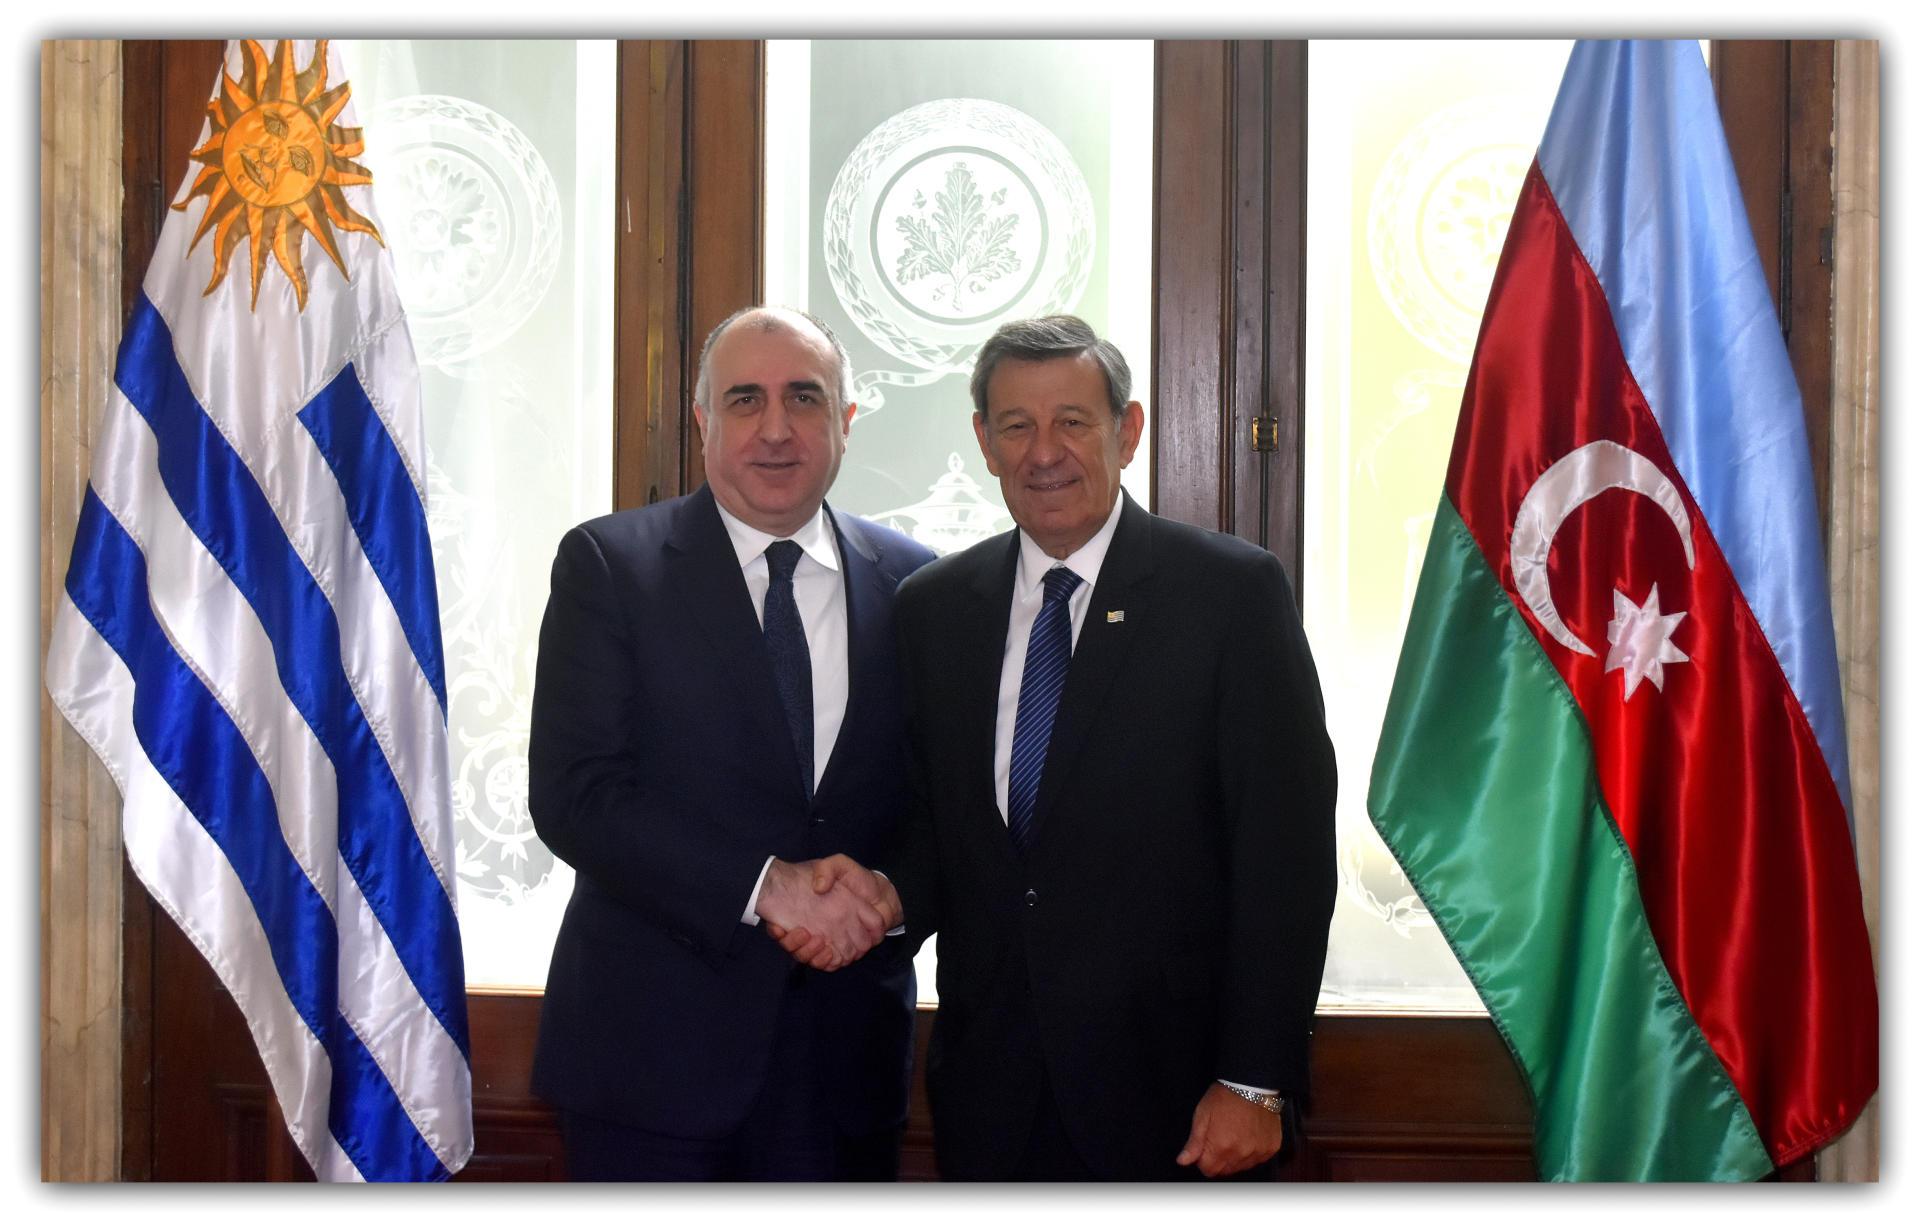 Уругвай намерен в дальнейшем еще больше углублять отношения с Азербайджаном (ФОТО) - Gallery Image